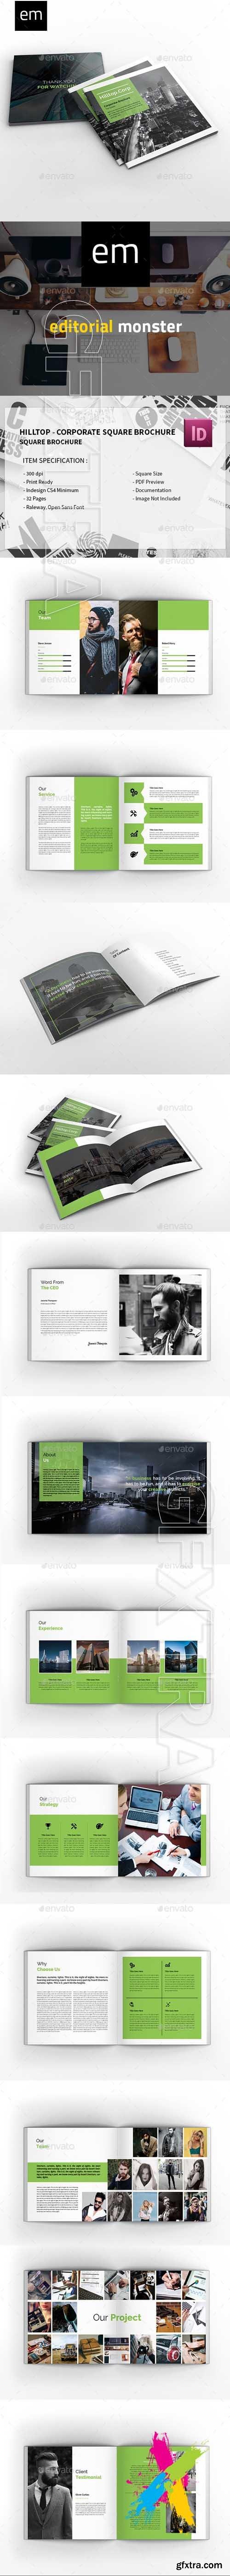 Graphicriver - Hilltop - Corporate Square Brochure 20206347